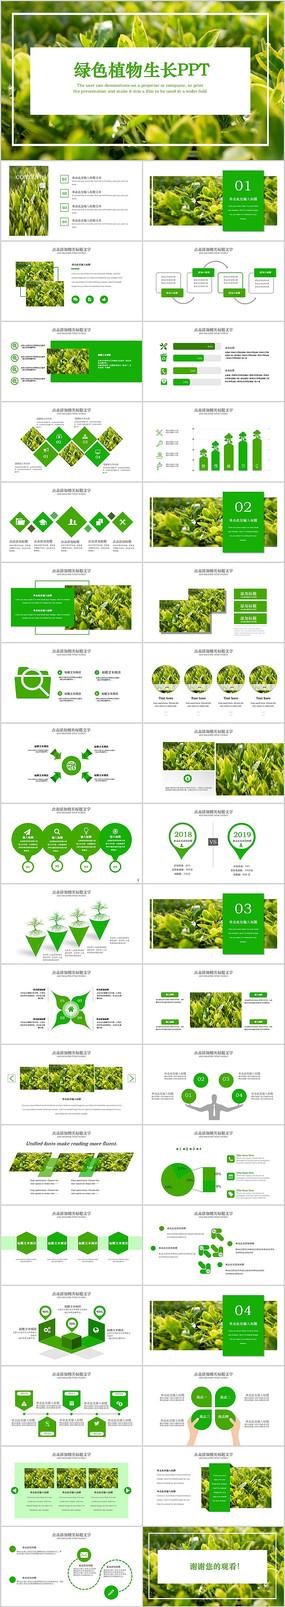 唯美绿色植物发芽植物生长敬畏生命PPT